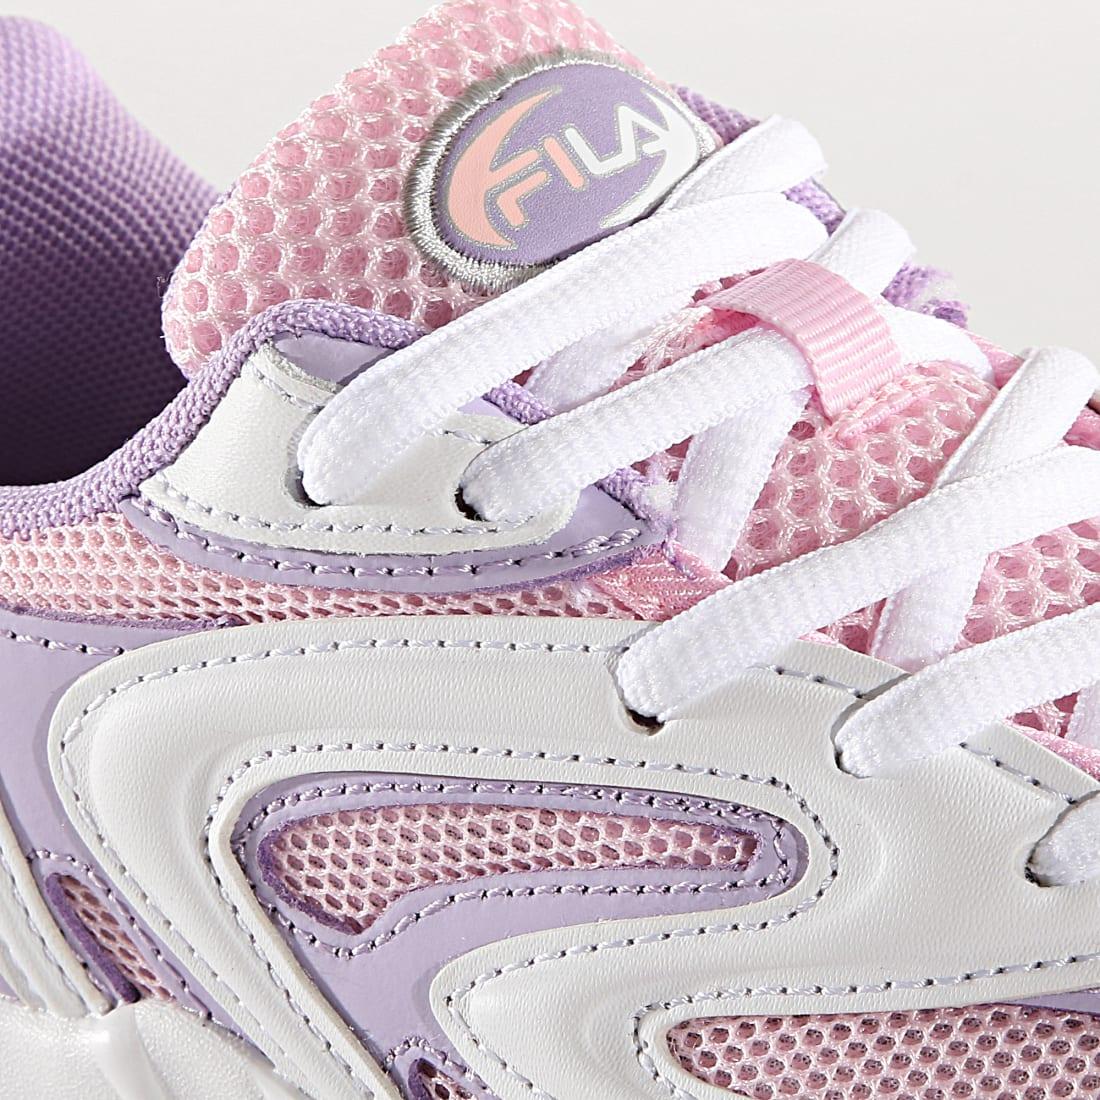 Fila Baskets Femme Fila Buzzard 5RM00627 Chalk Pink White